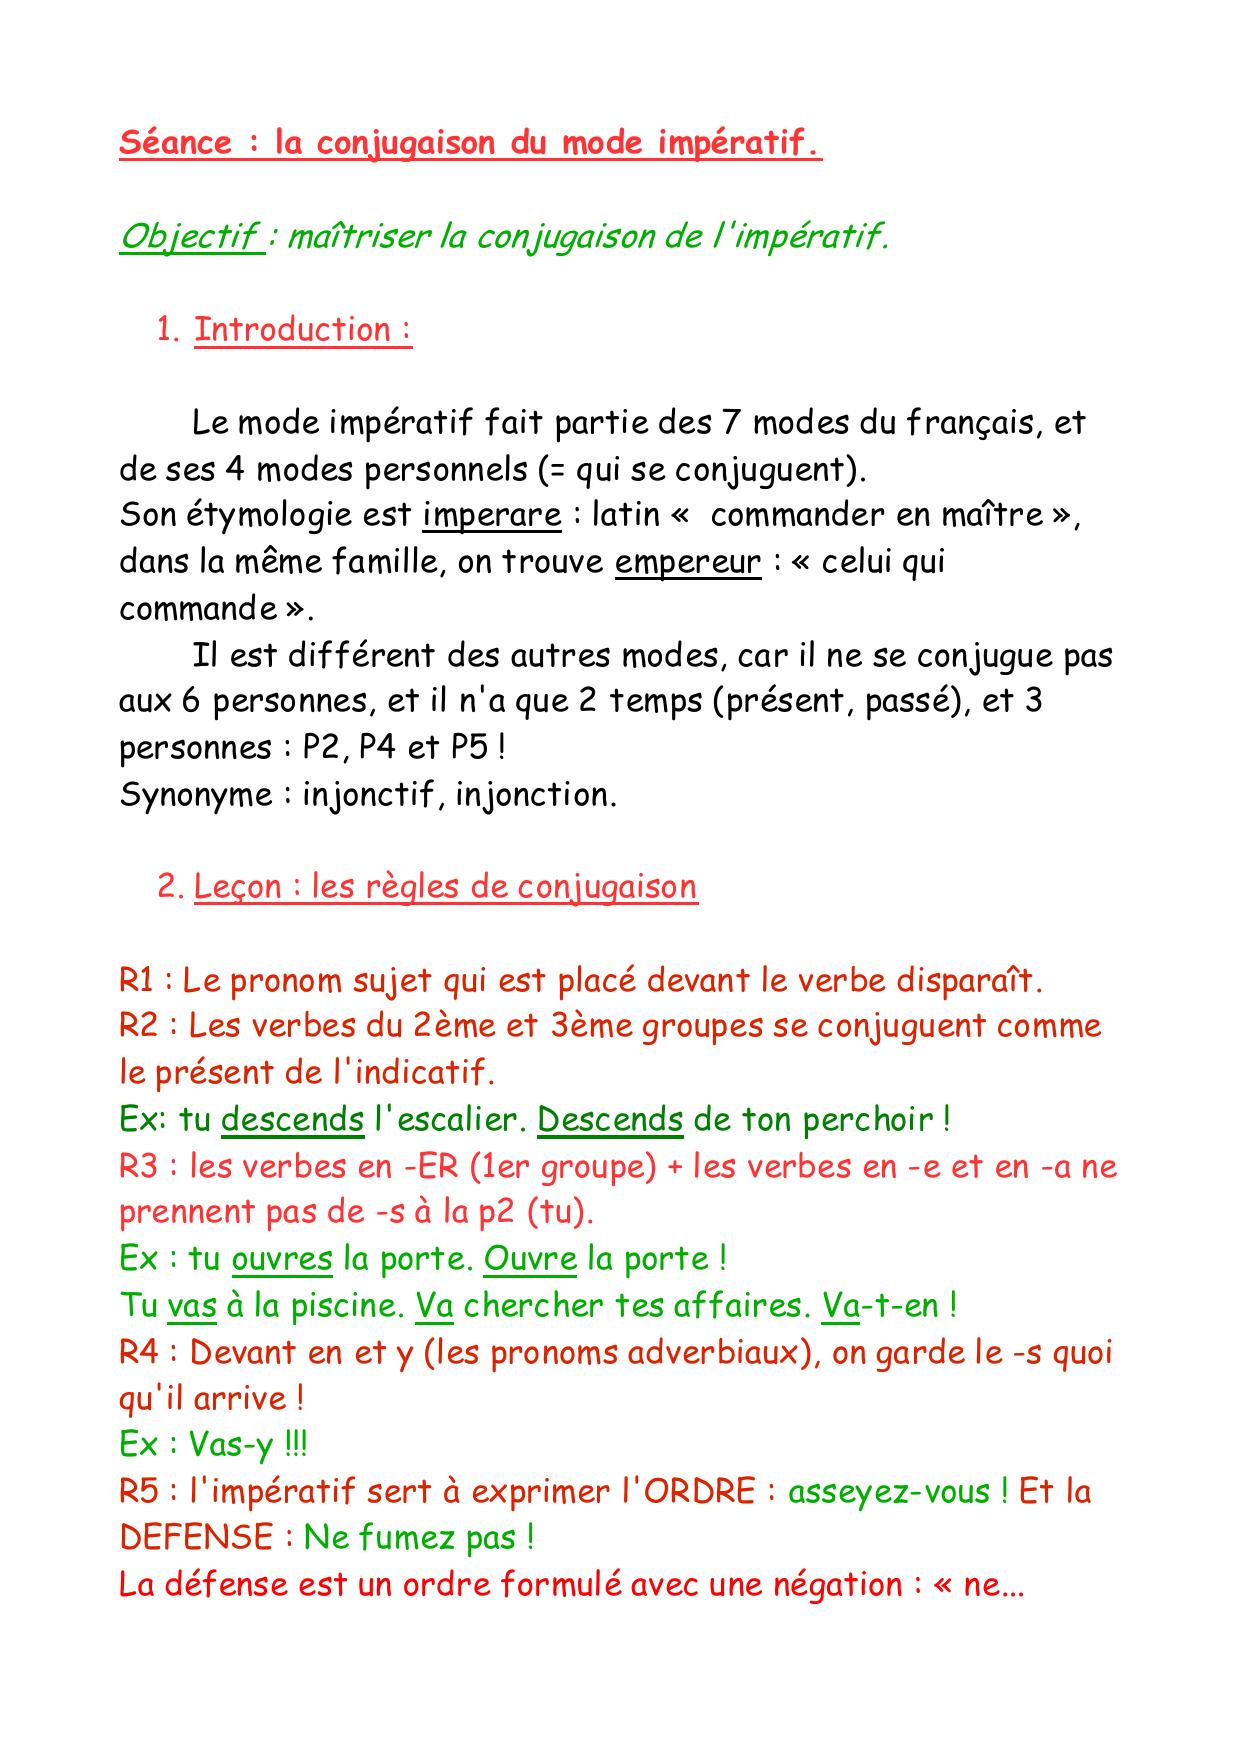 Objectif Maitriser La Conjugaison De L Imperatif